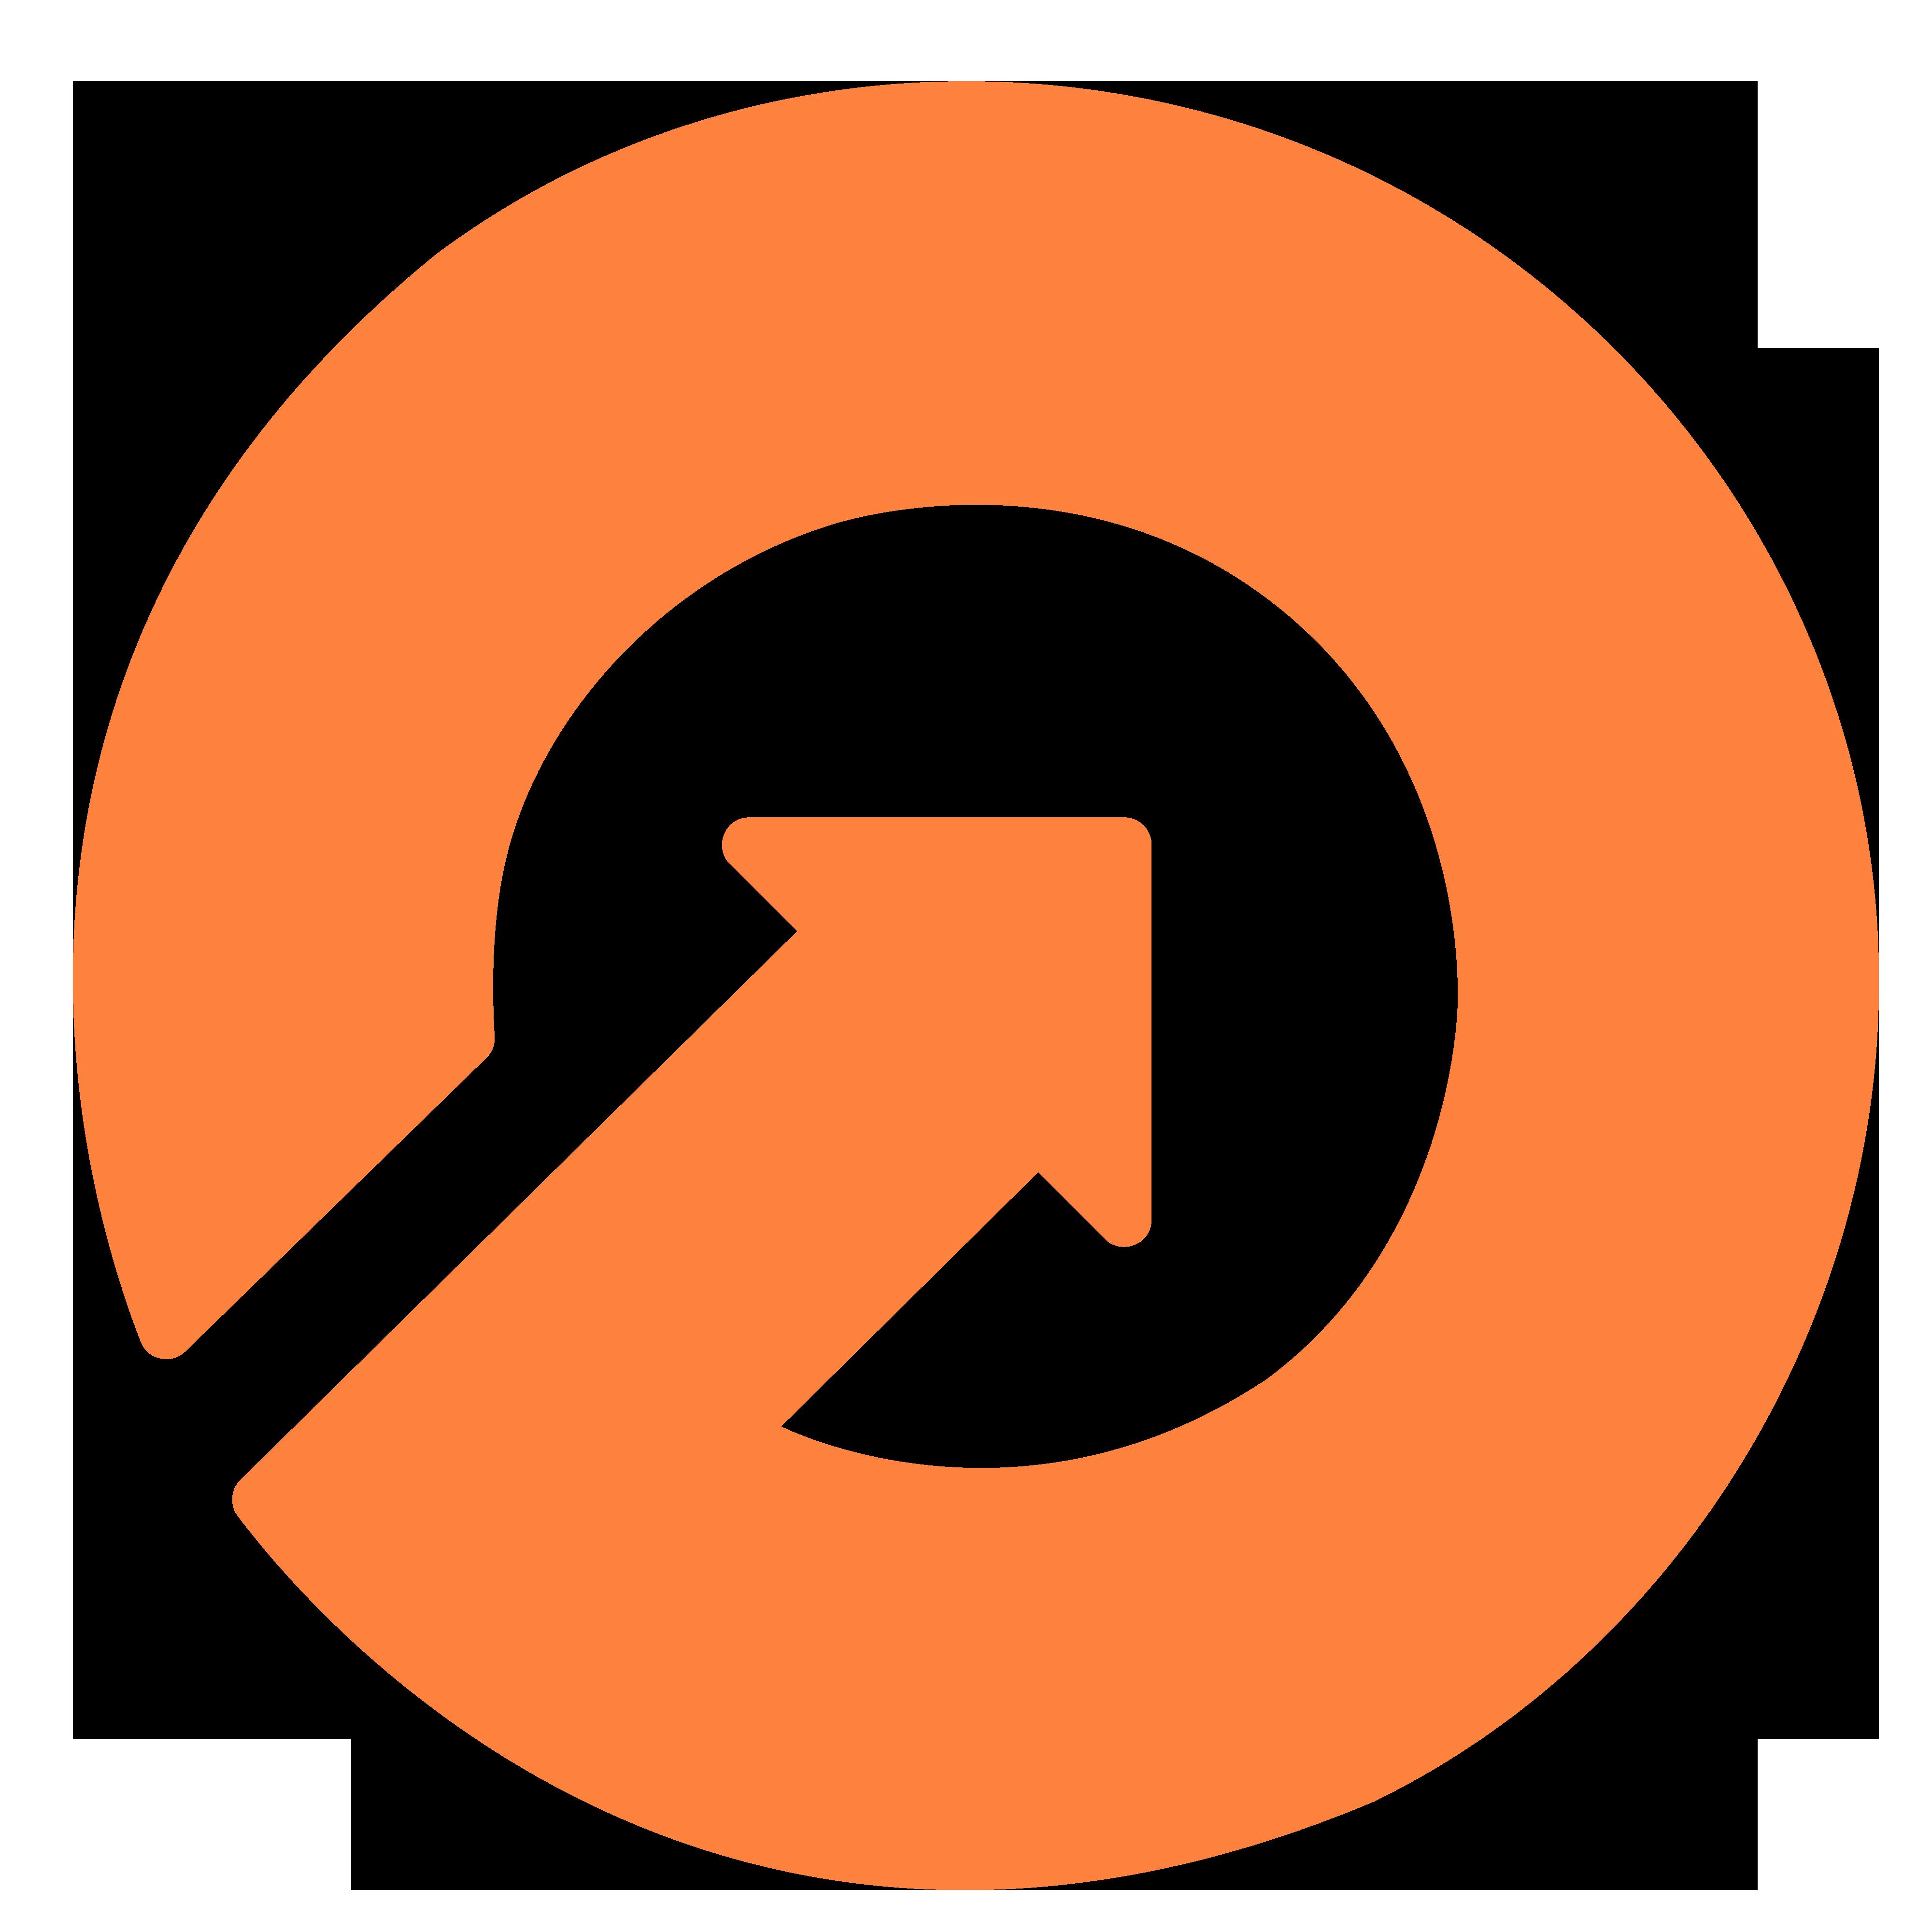 Lp logomark orange